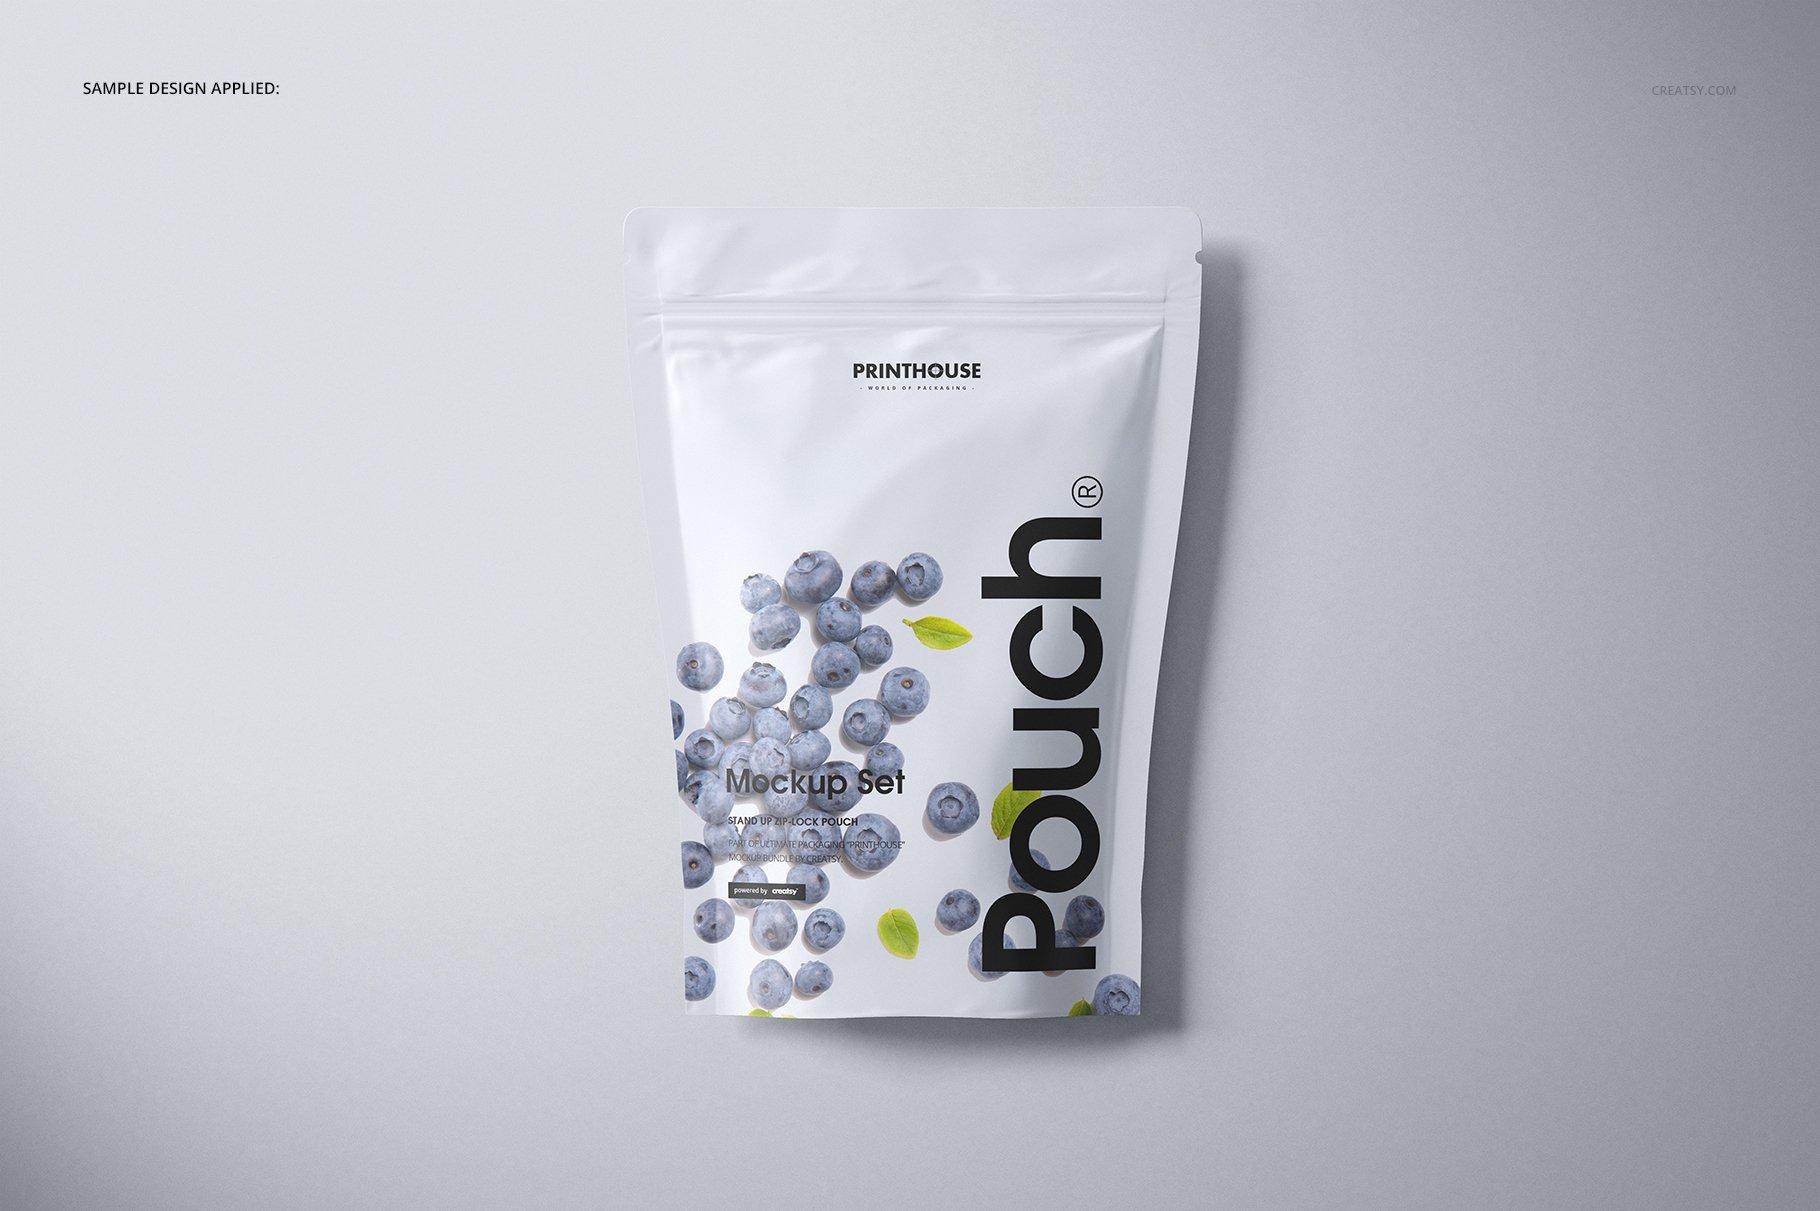 简约立式拉链锁食品自封袋塑料袋设计展示样机合集 Stand Up Pouch (mat) Mockup Set插图(6)